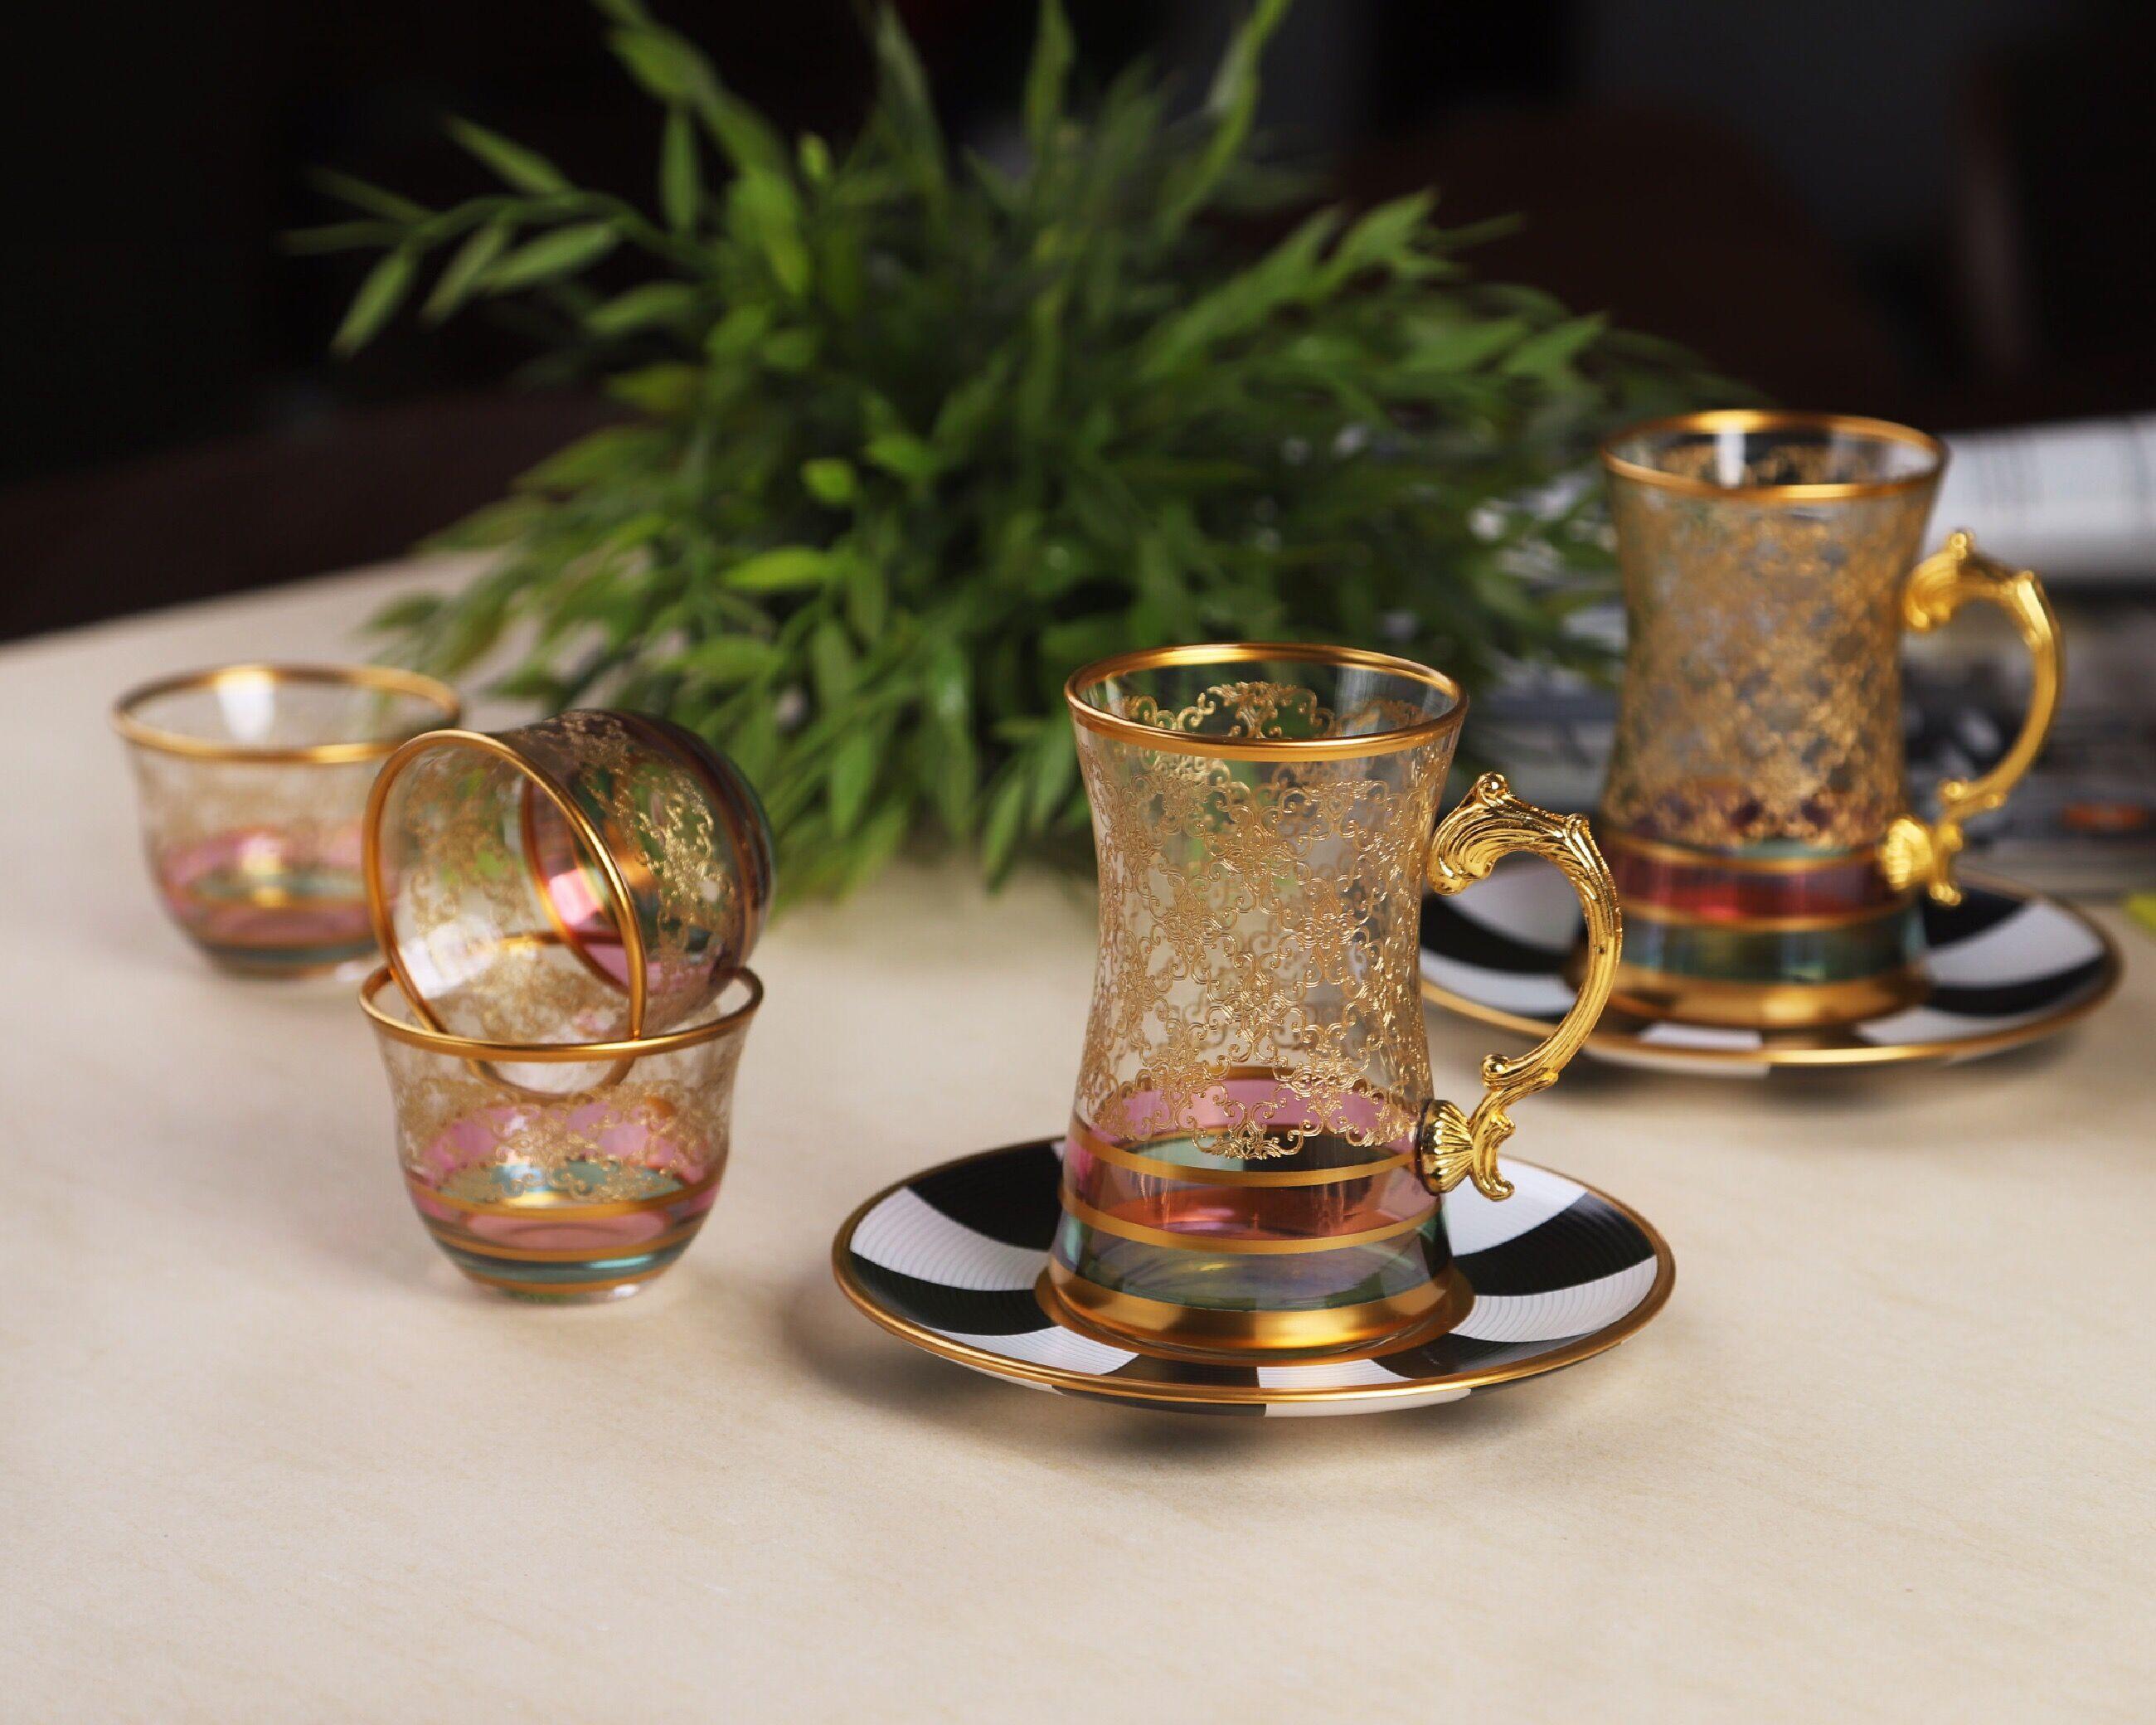 طقم شاي وقهوة Reem RUS-044